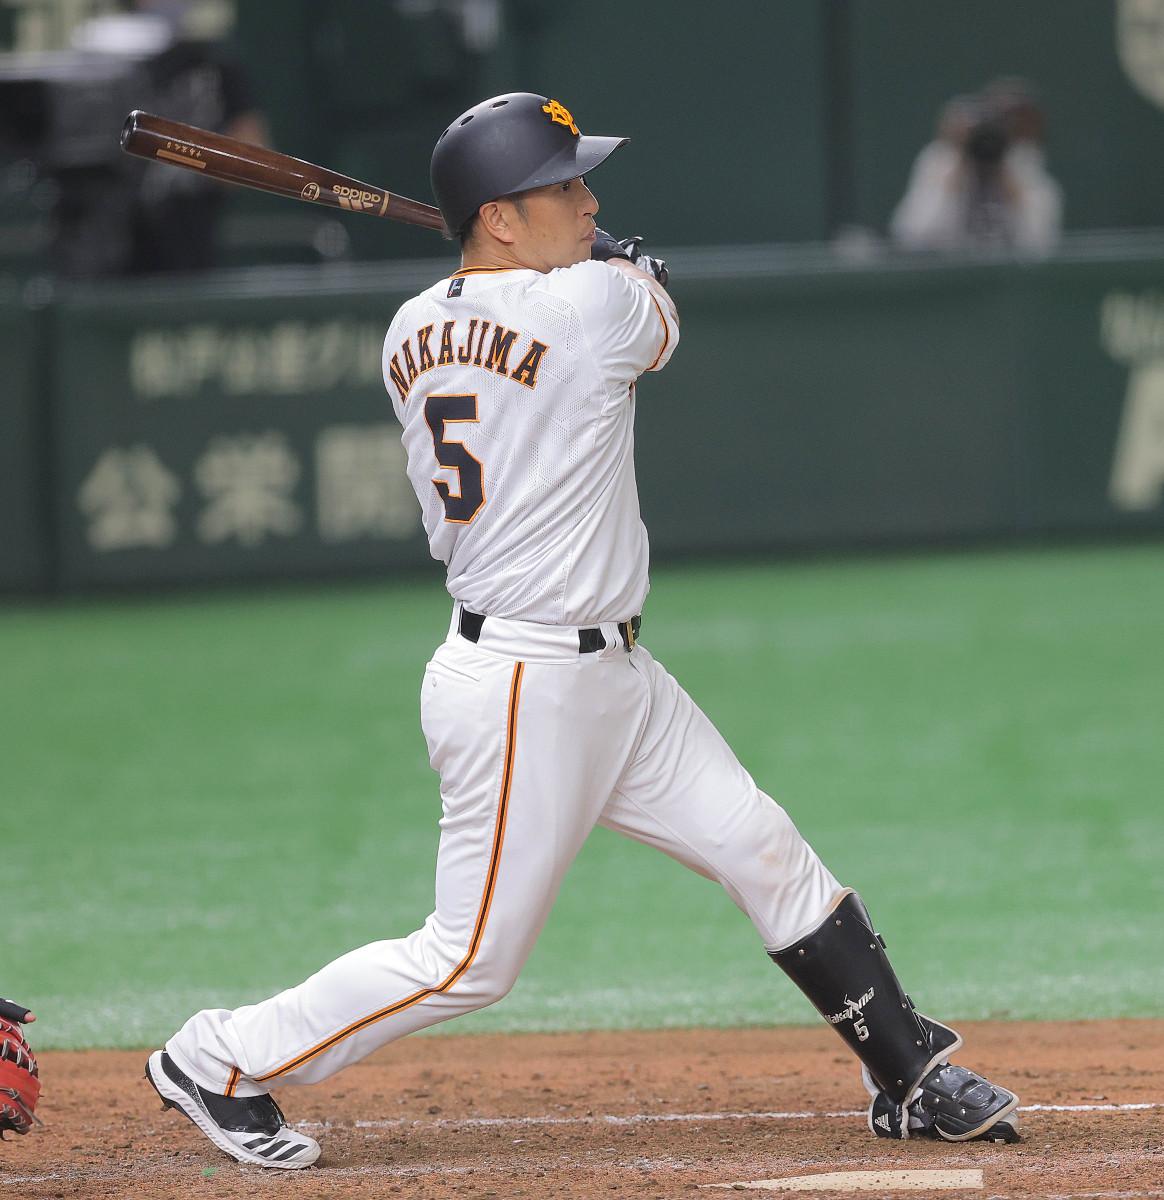 【巨人】中島宏之が開幕スタメンへ視界良好「打つことができてよかった」2安打2打点